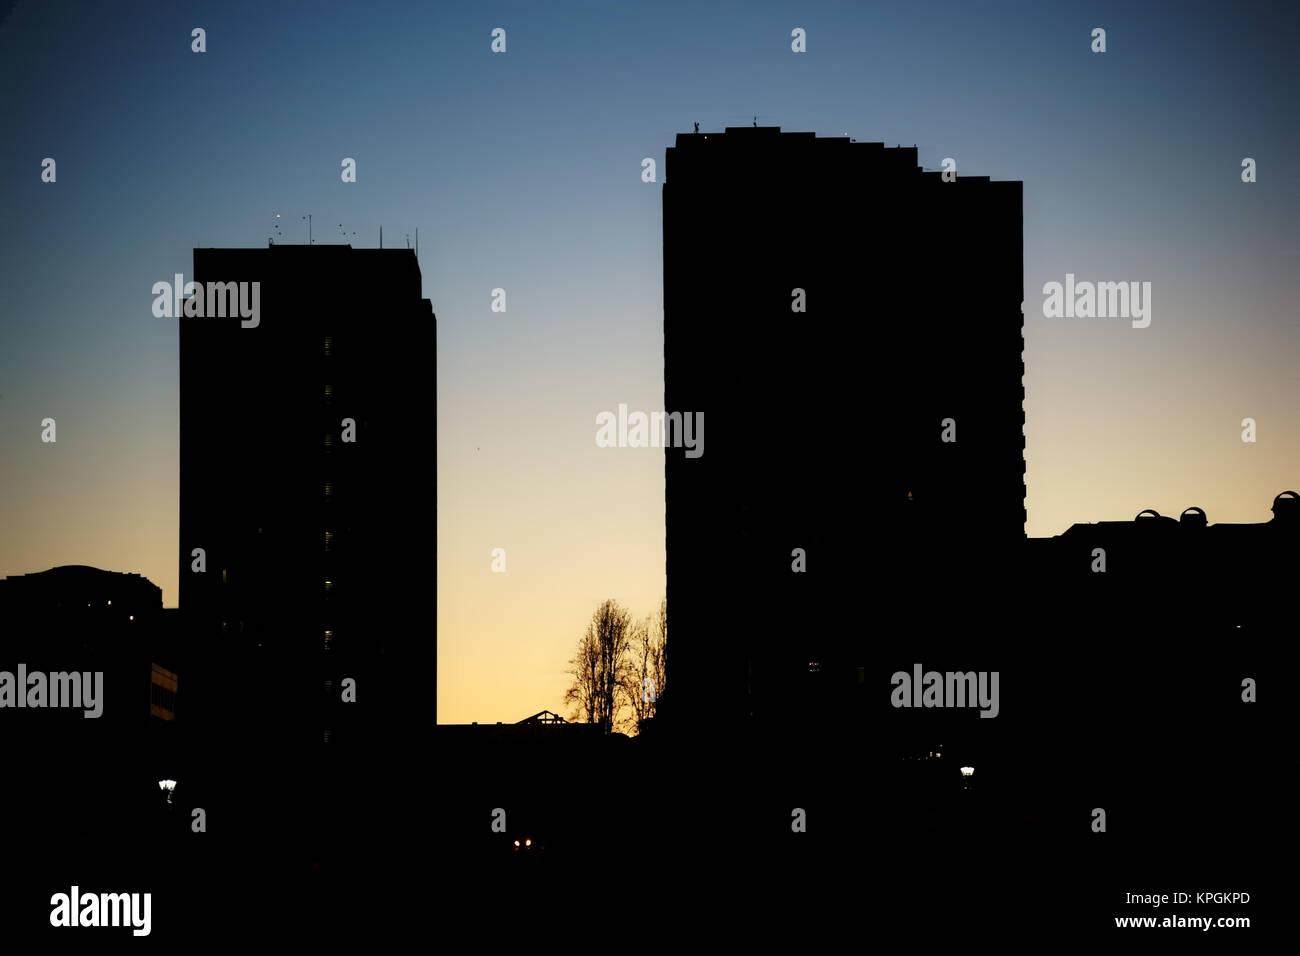 Die Silhouetten von Hochhäusern am frühen Morgen in San Diego. - Stock Image